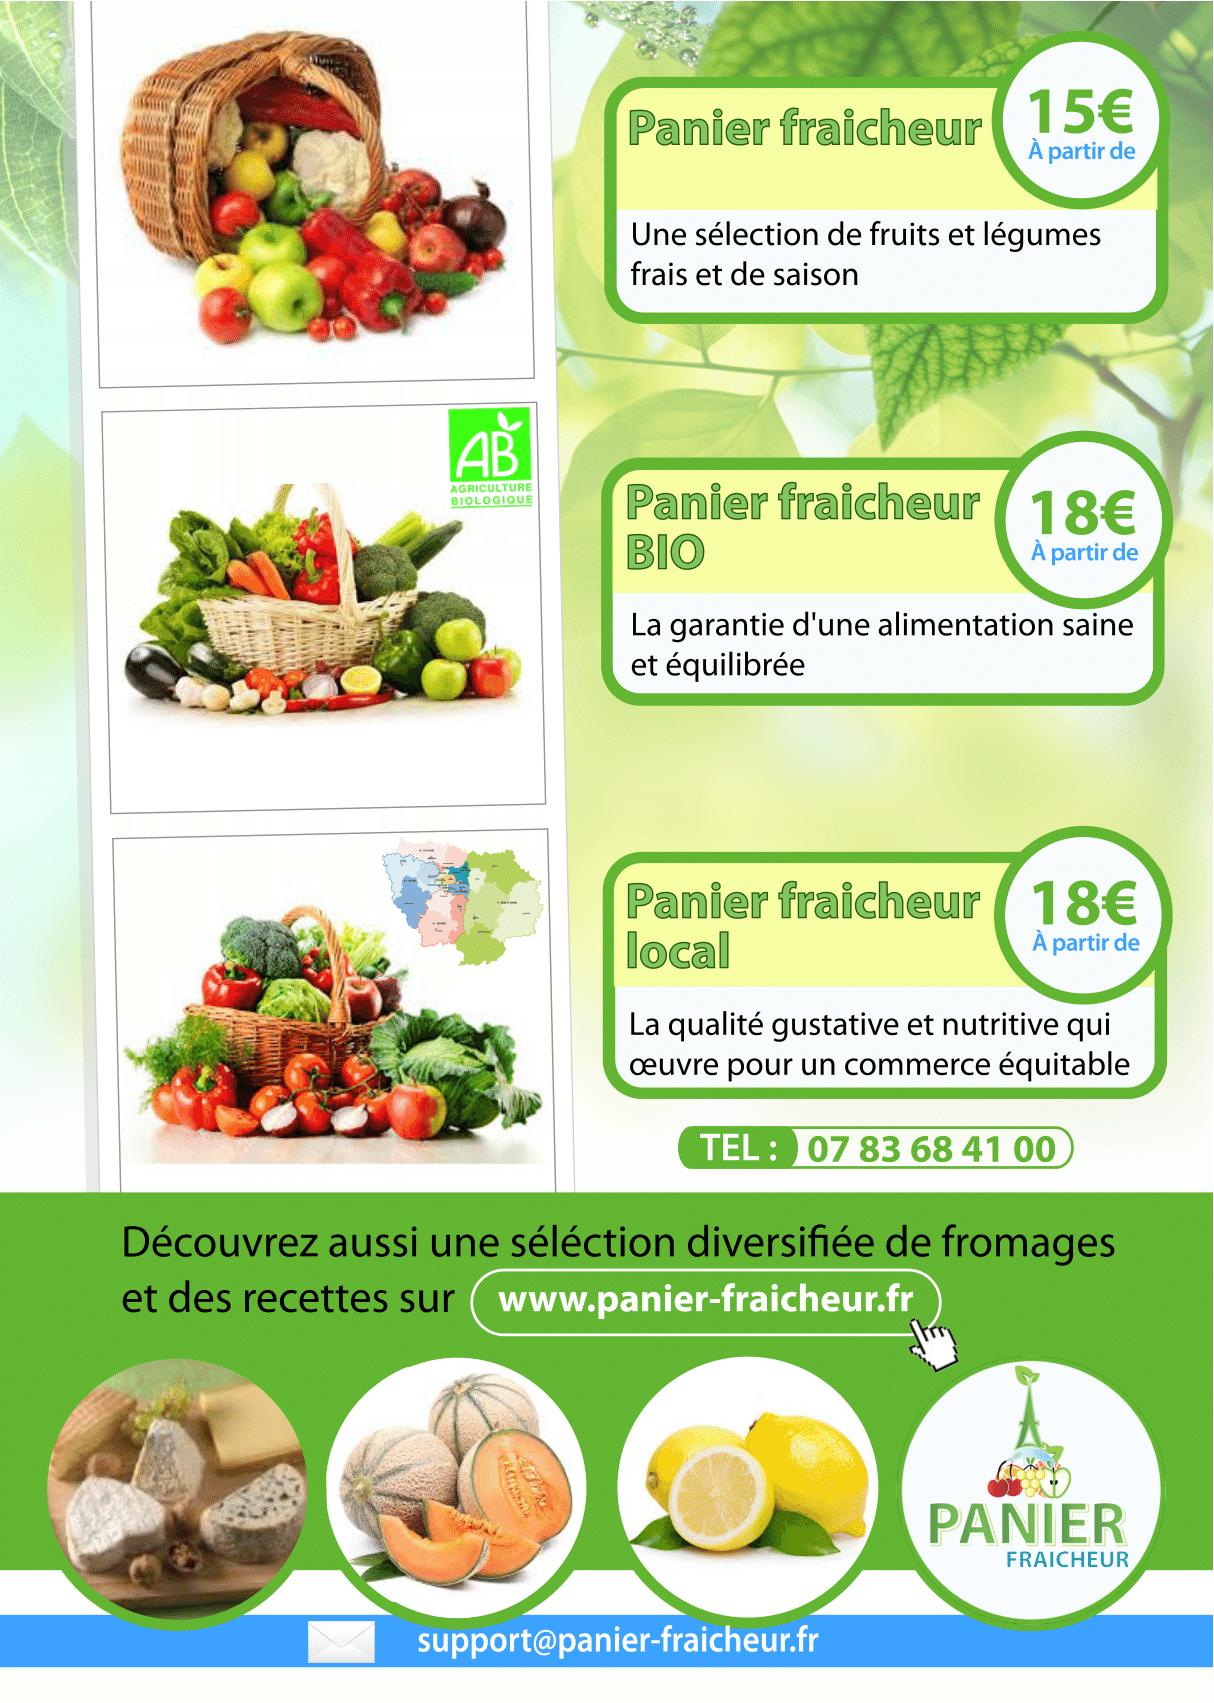 Panier Fraicheur, livraison de panier de fruits et légumes frais